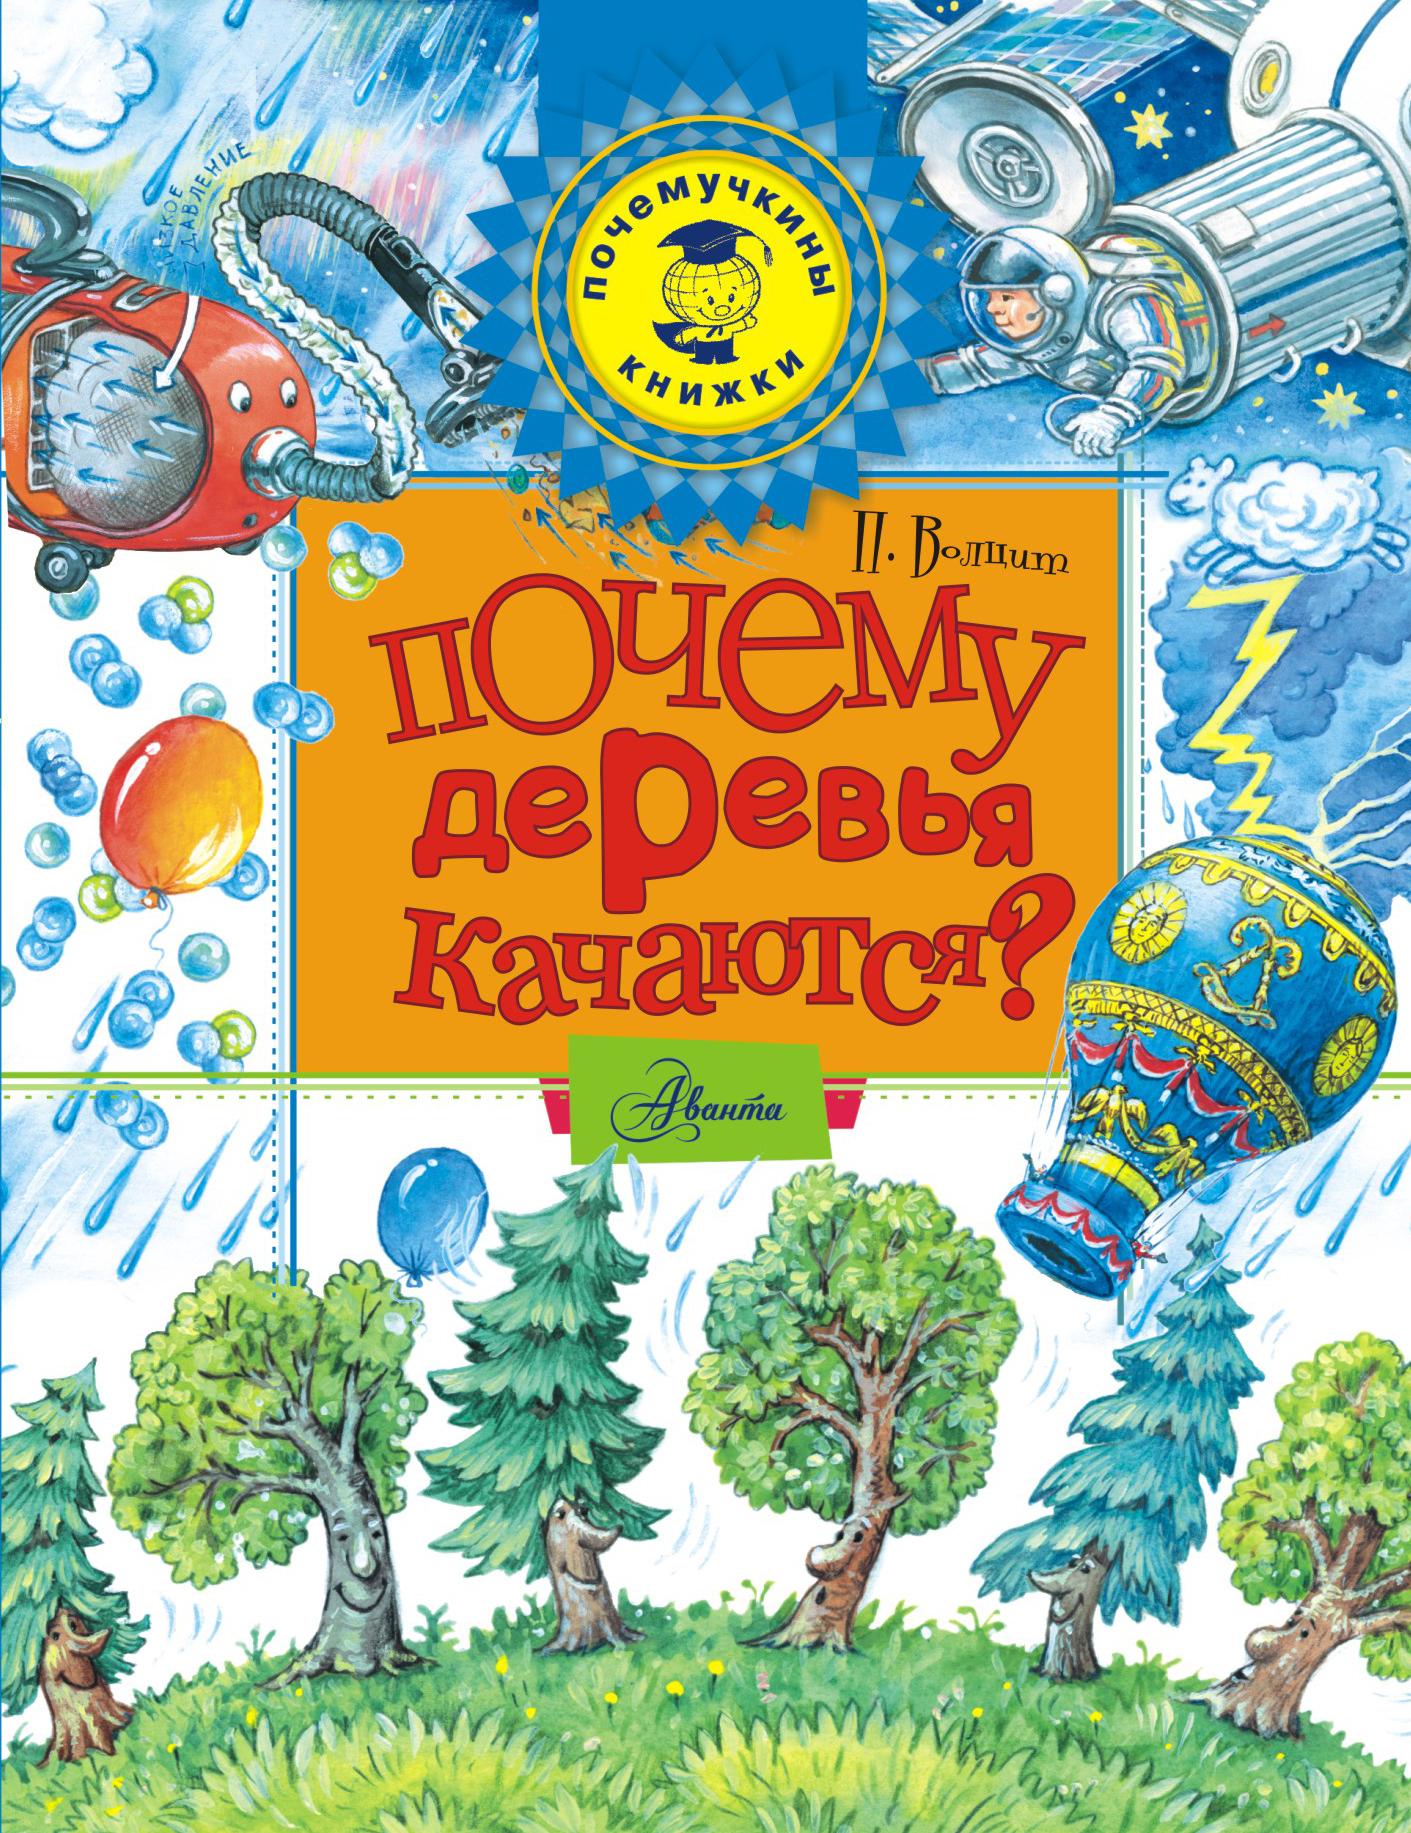 Почему деревья качаются? от book24.ru